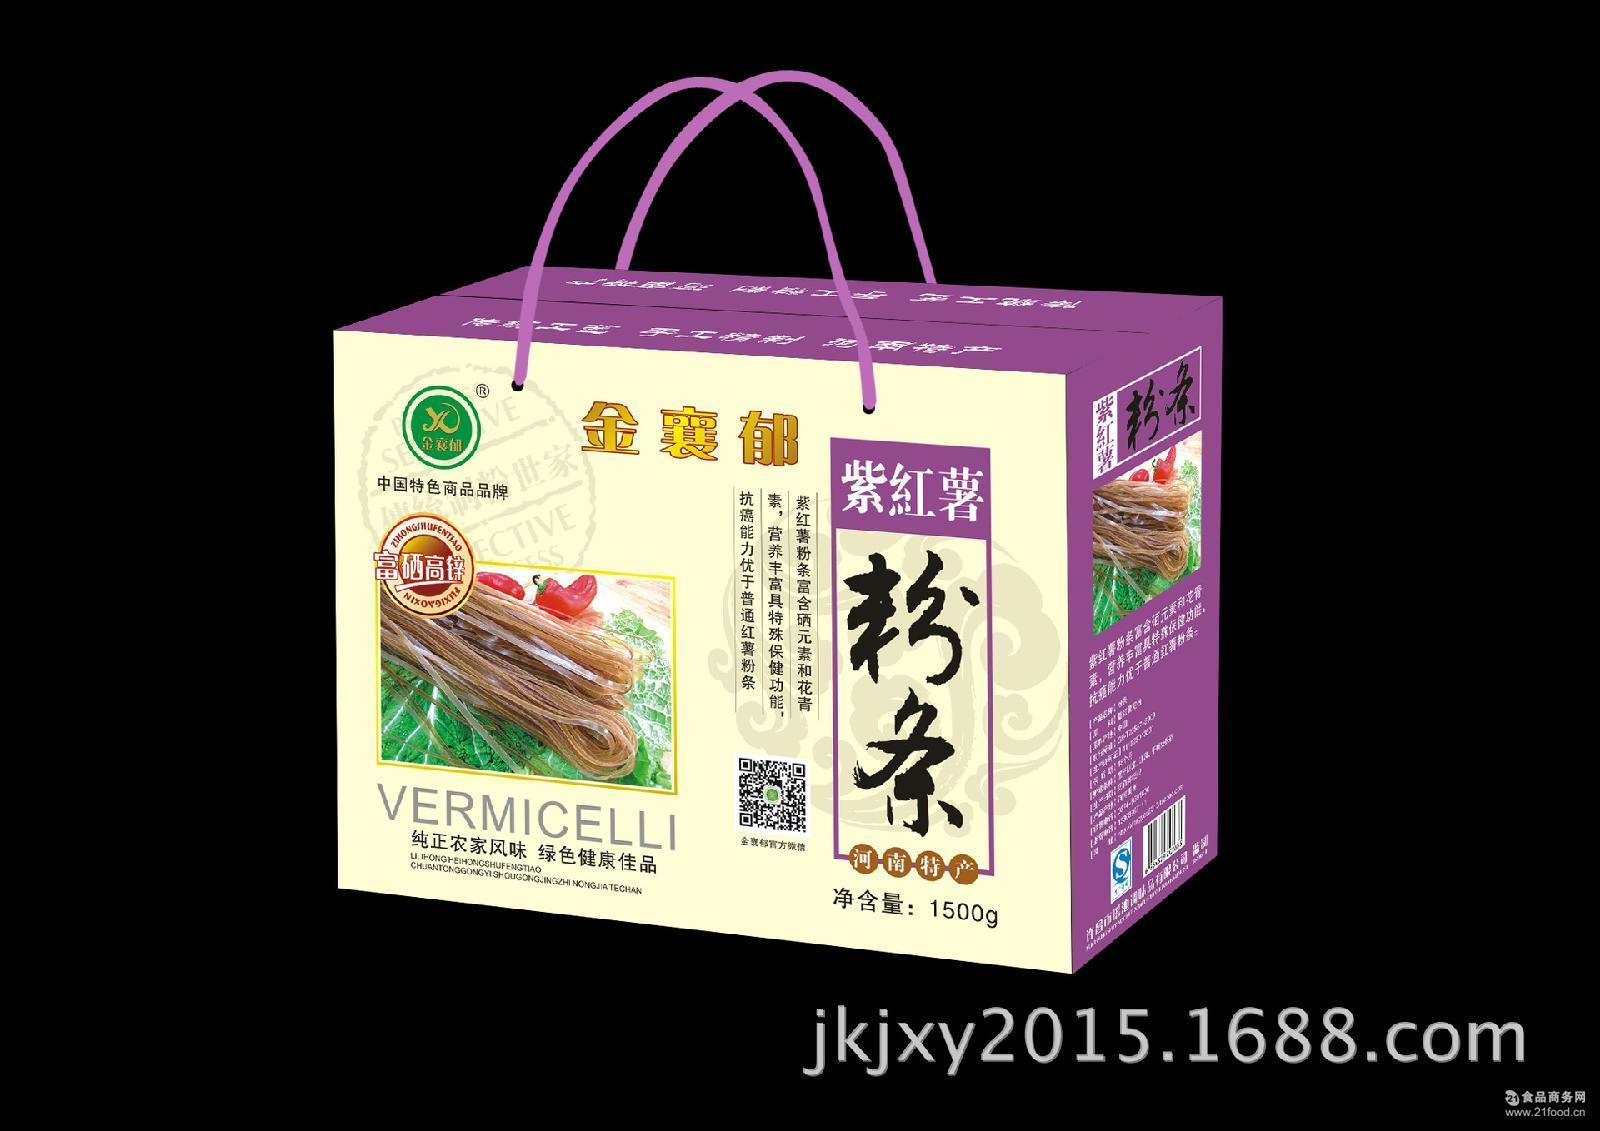 1500g富硒紫红薯粉条厂家直销粉条批发鲜紫薯批发团购餐饮粉条